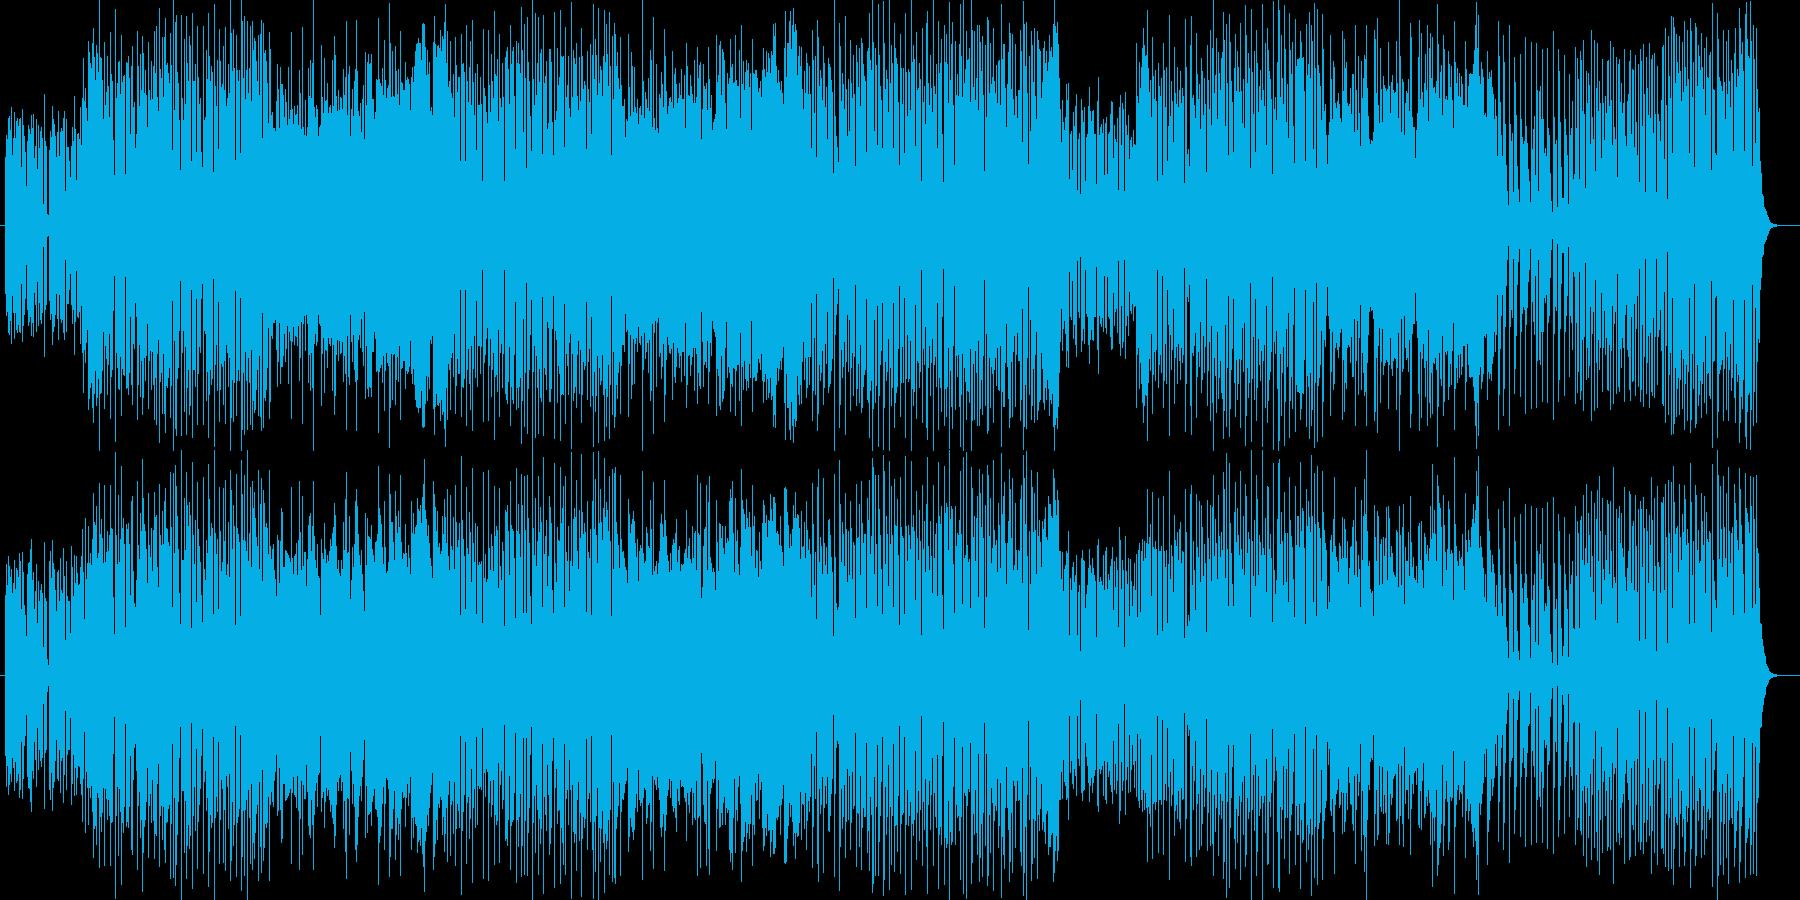 メルヘンなオルガンなどの演奏曲の再生済みの波形